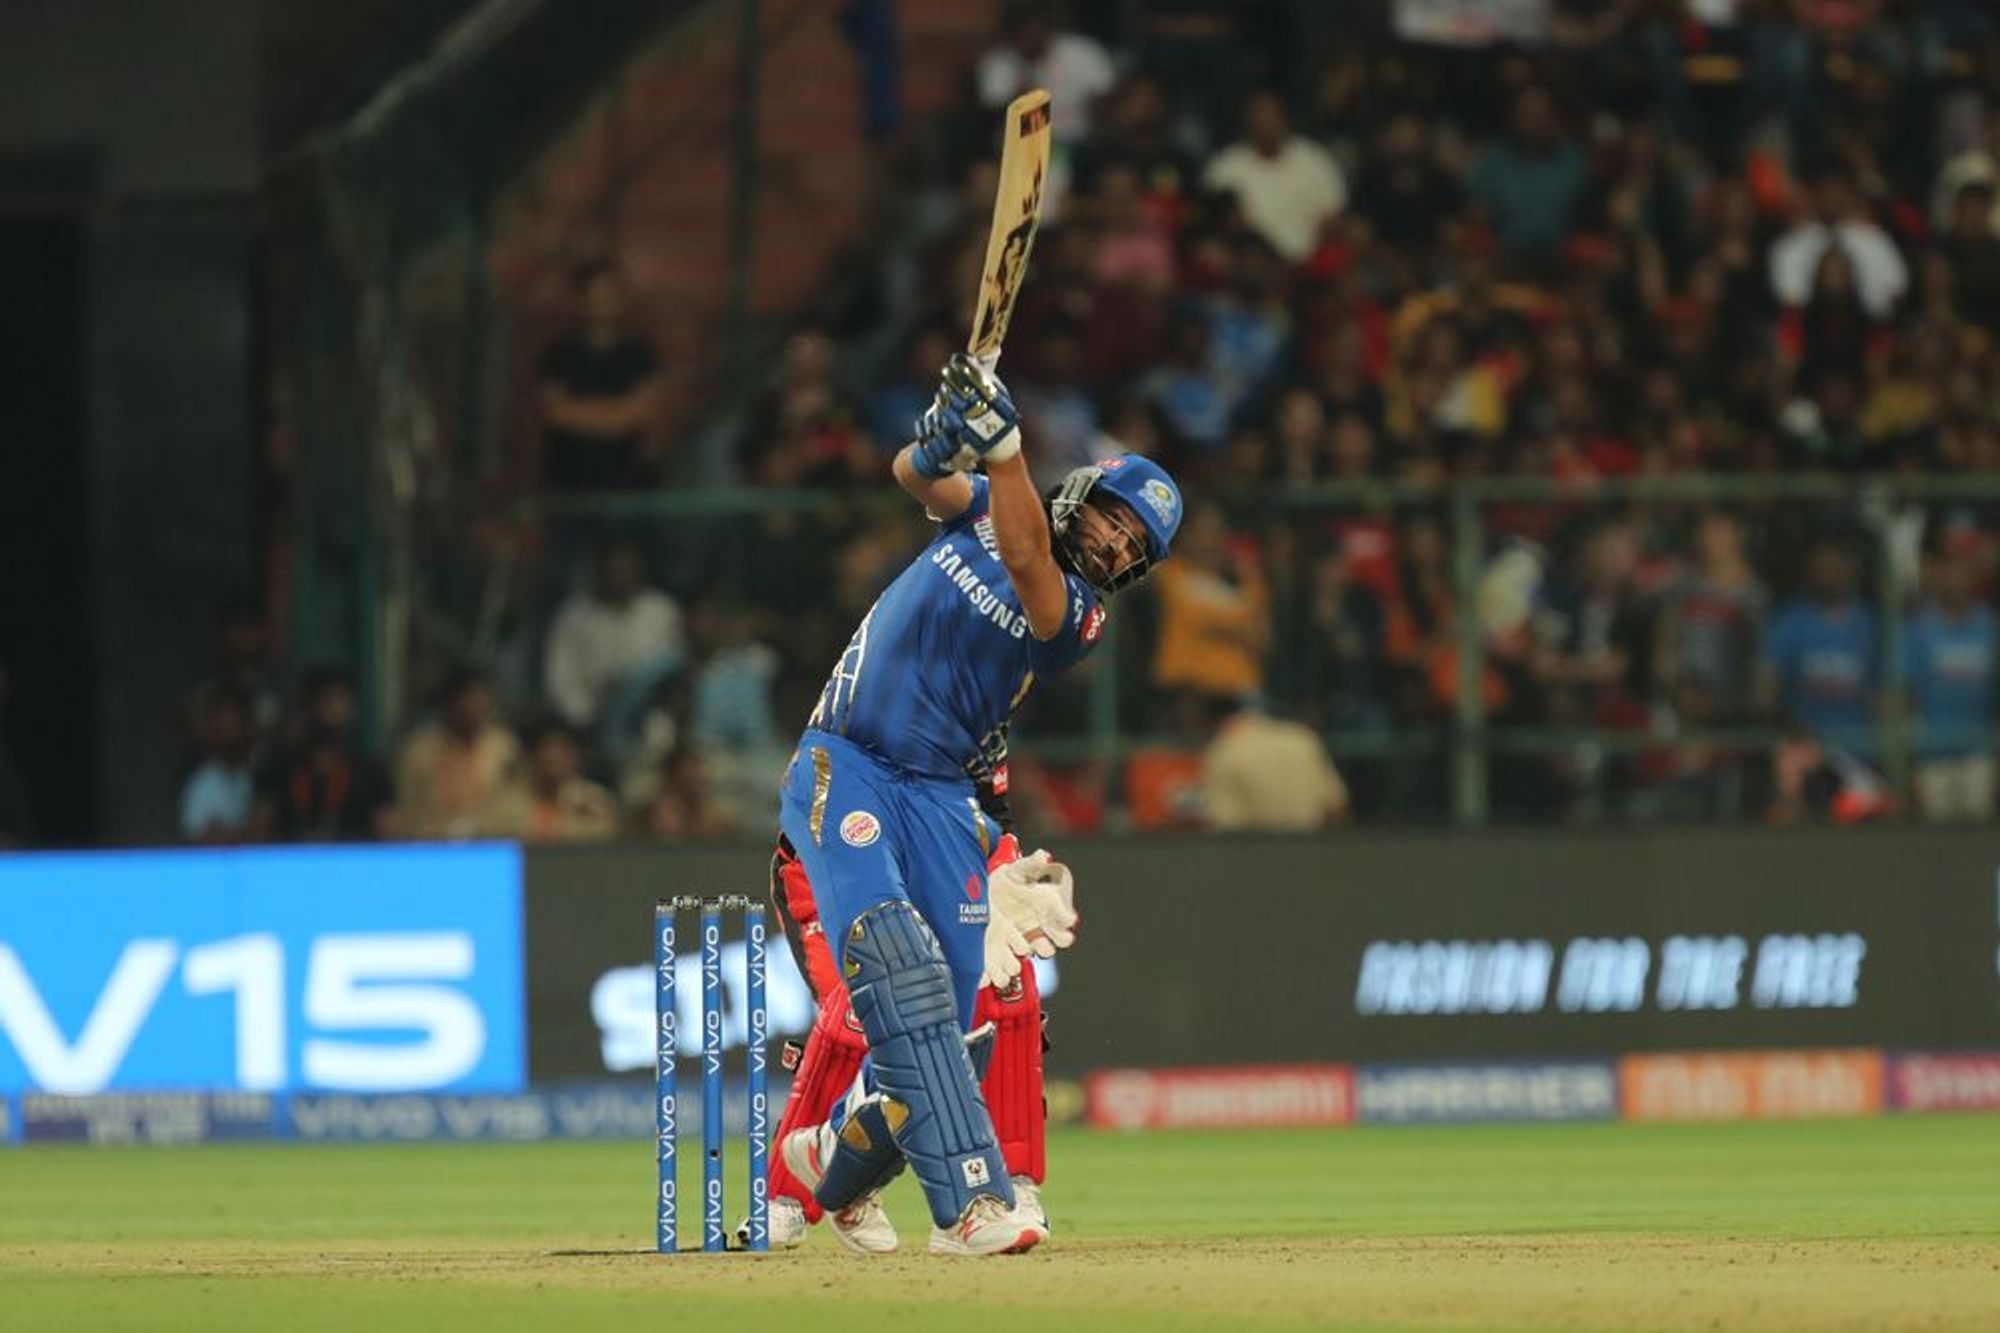 आईपीएल 2019 : युवराज सिंह ने जब लगाए लगातार 3 छक्के तो मैंने स्टुअर्ट ब्रॉड की तरह महसूस किया: युजवेंद्र चहल 2